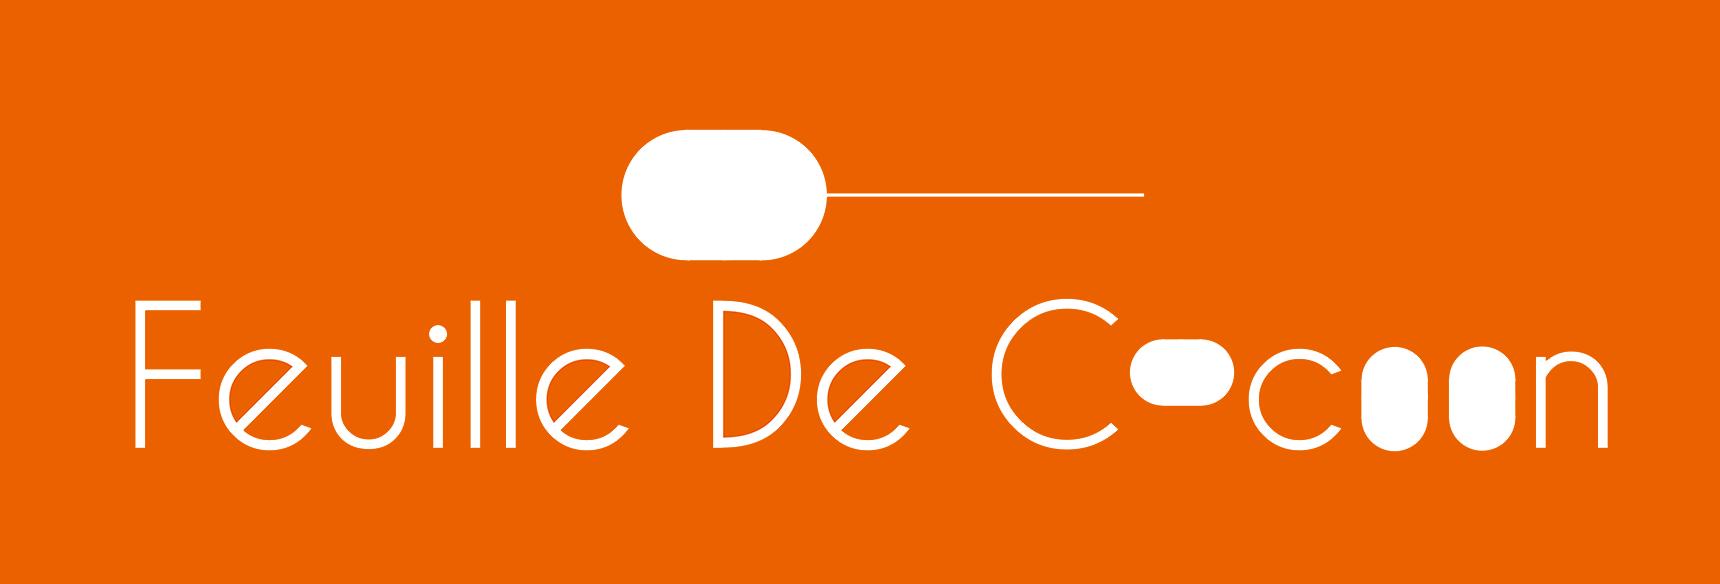 Feuille de Cocoon